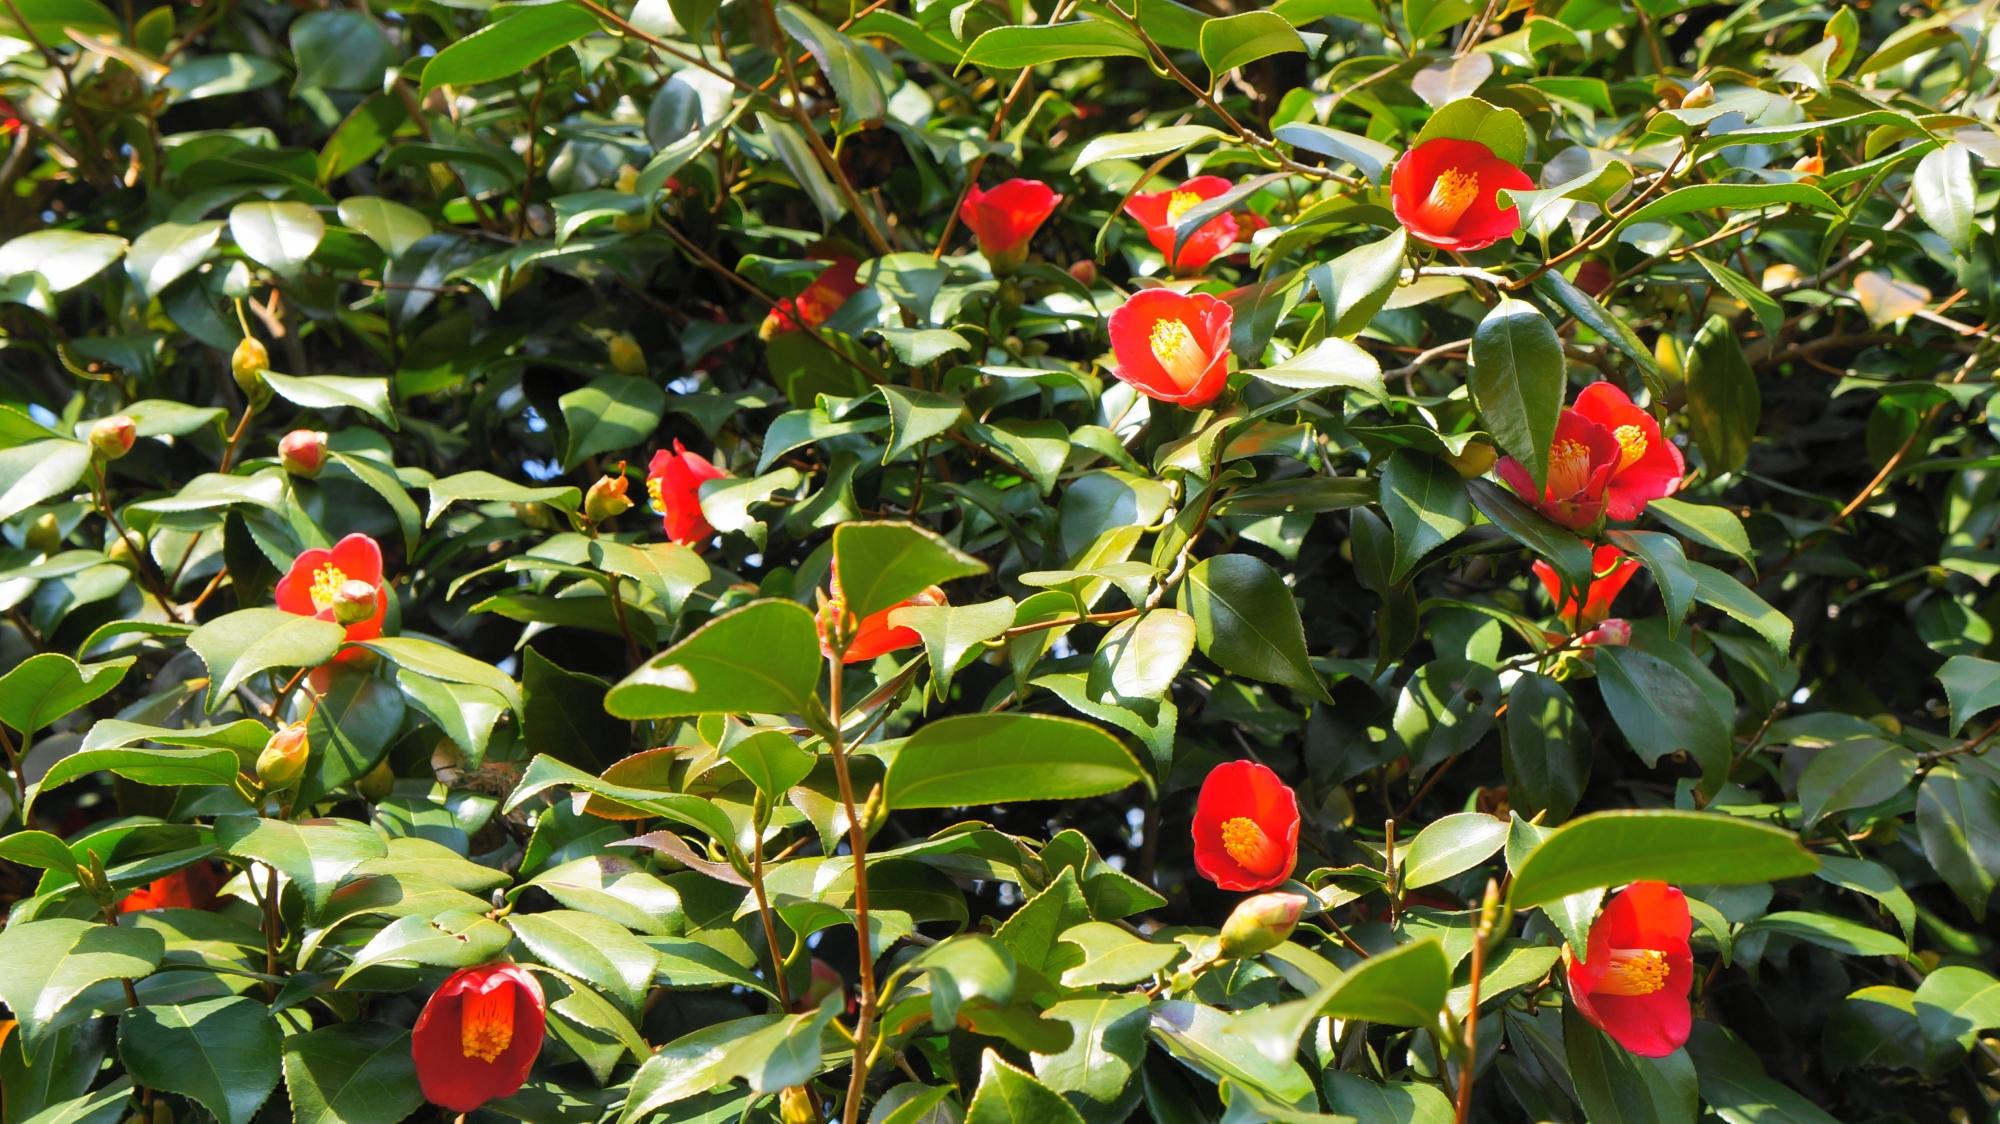 神苑の真っ赤な鮮やかな椿の花